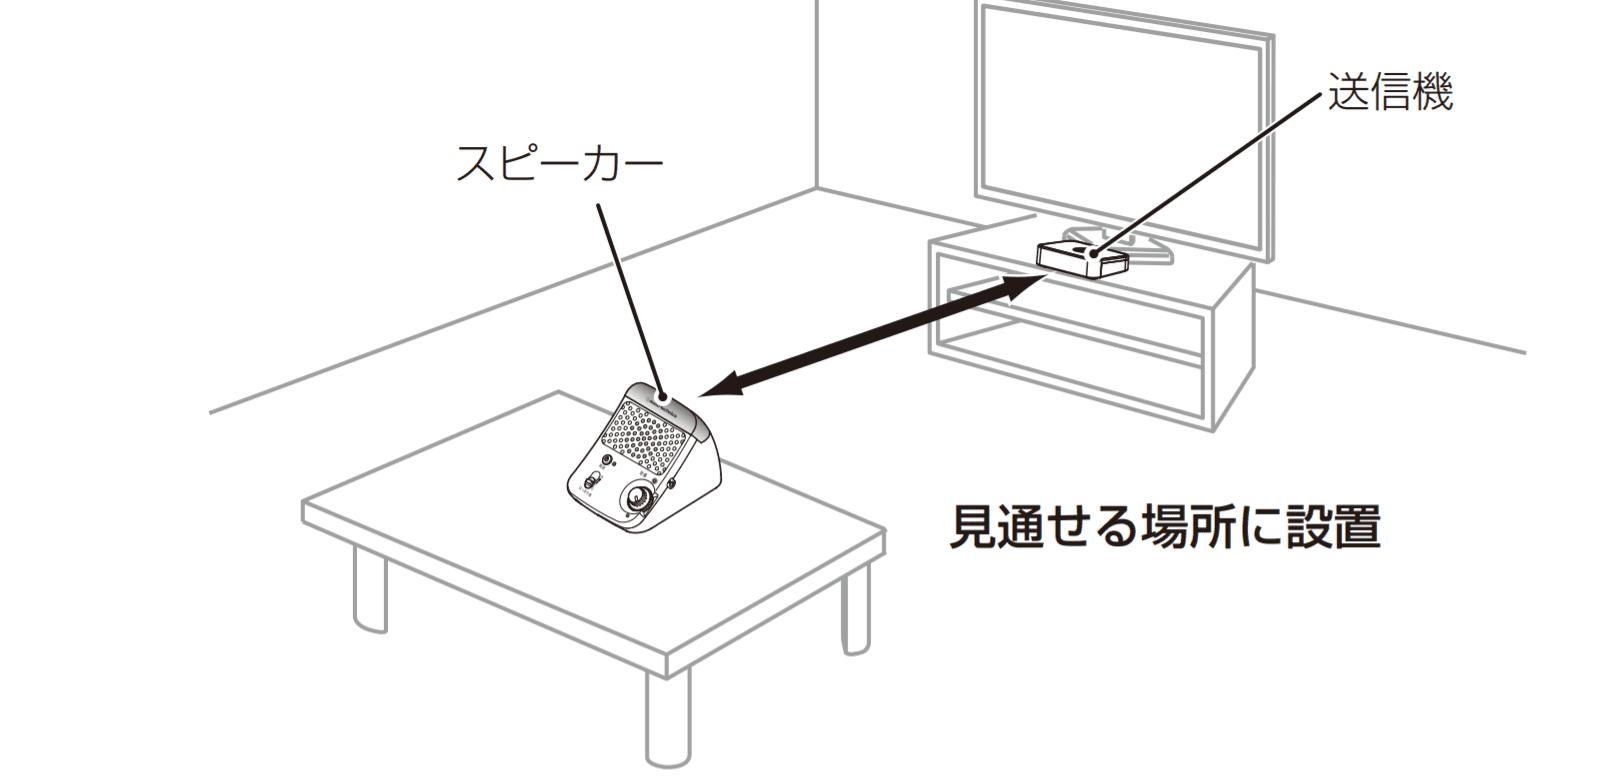 赤外線手元スピーカーの設置イメージ